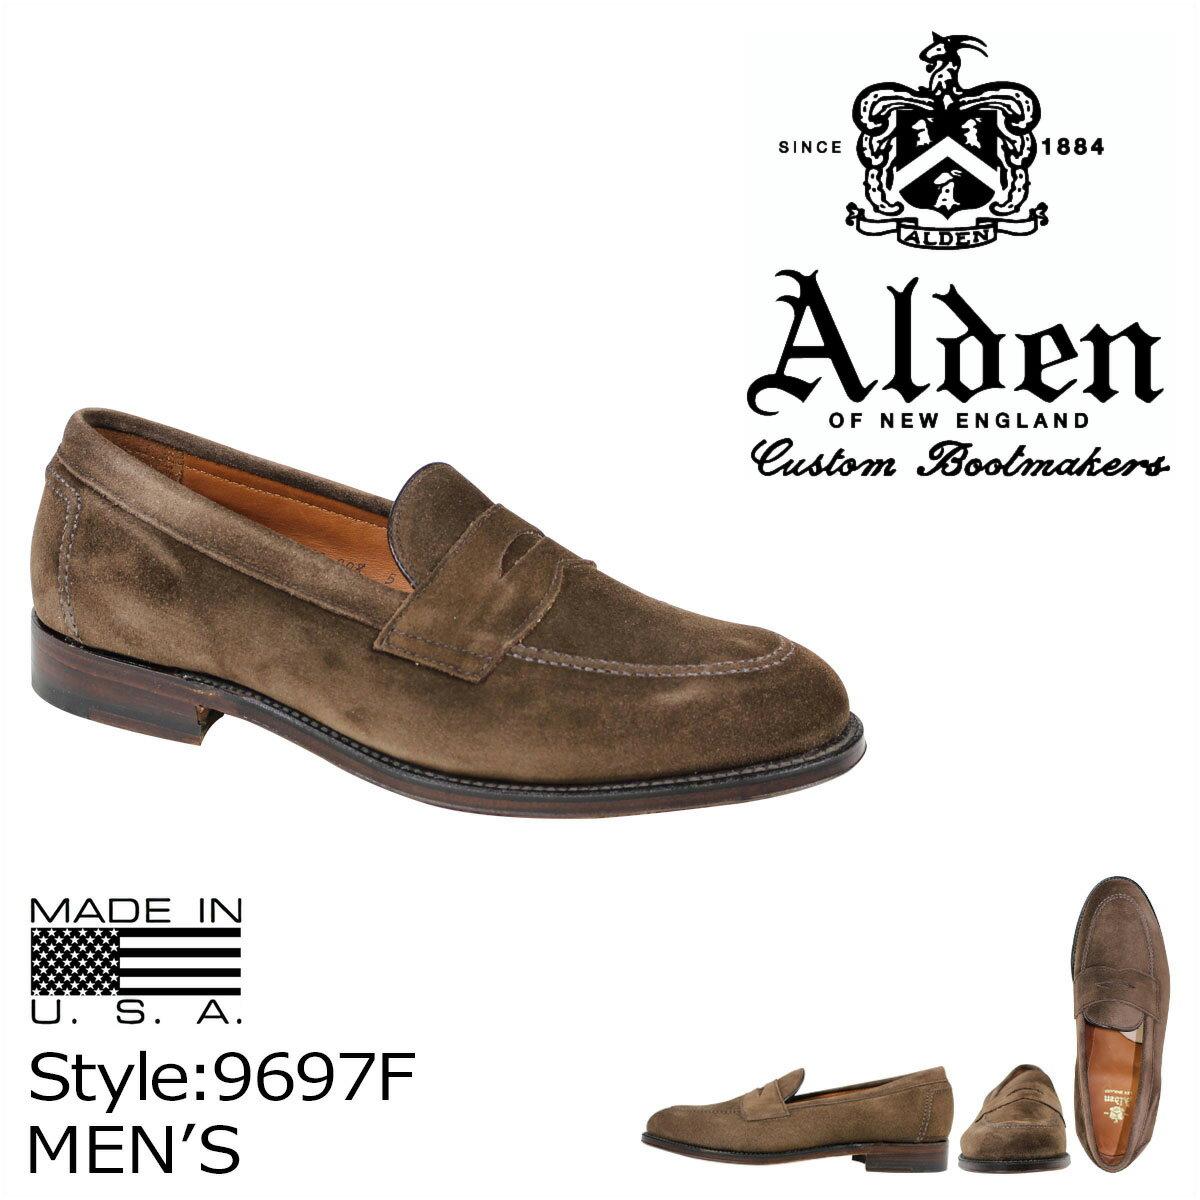 ALDEN オールデン ローファー シューズ メンズ PENNY LOAFER Dワイズ 9697F